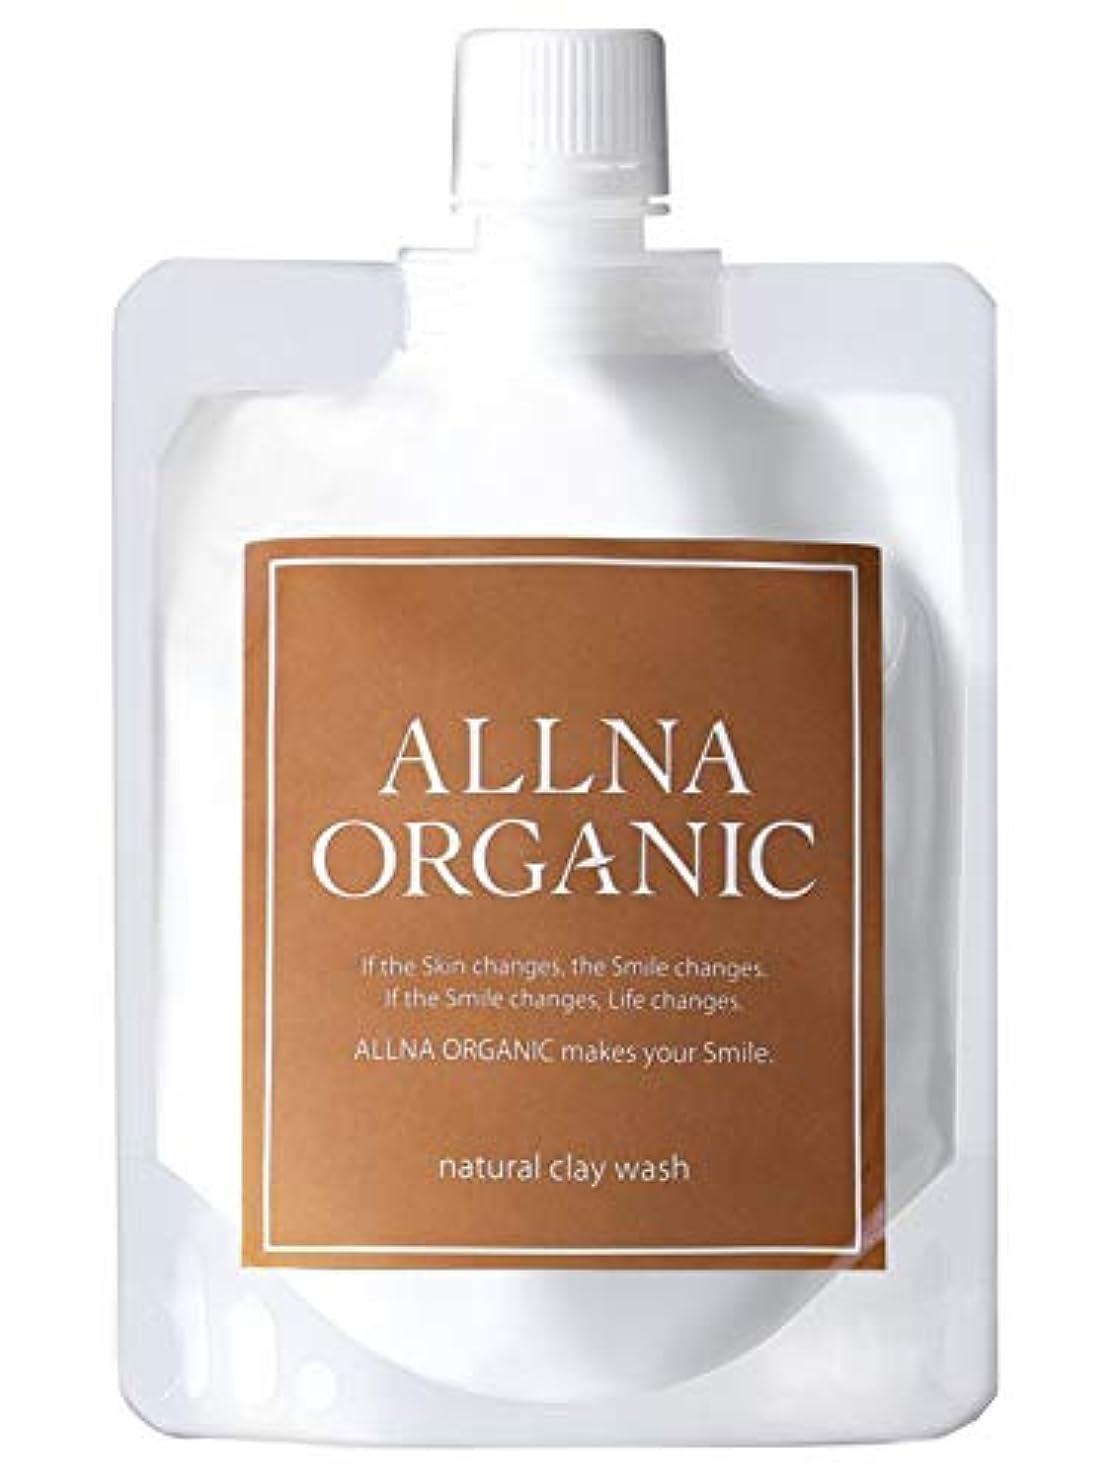 日記摂氏どこにもオルナ オーガニック 泥 洗顔 「 毛穴 開き 黒ずみ 用」「 コラーゲン 3種類 + ヒアルロン酸 4種類 + ビタミンC 4種類 + セラミド 配合」 130g